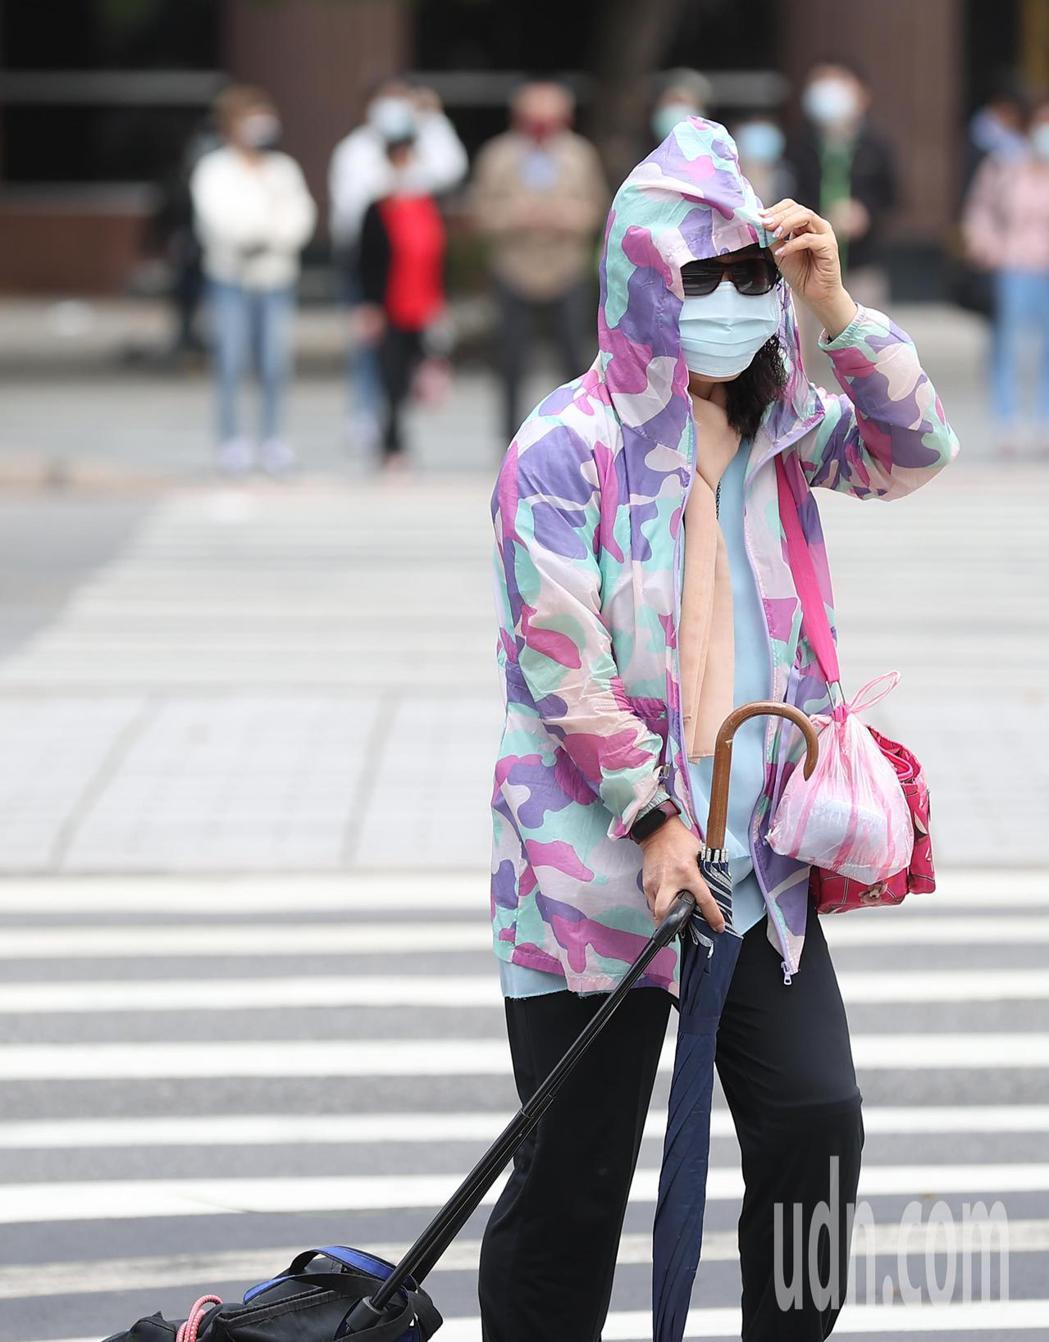 舒力基維持強颱等級,台北市區民眾也明顯感受到陣陣強風吹襲。記者葉信菉/攝影